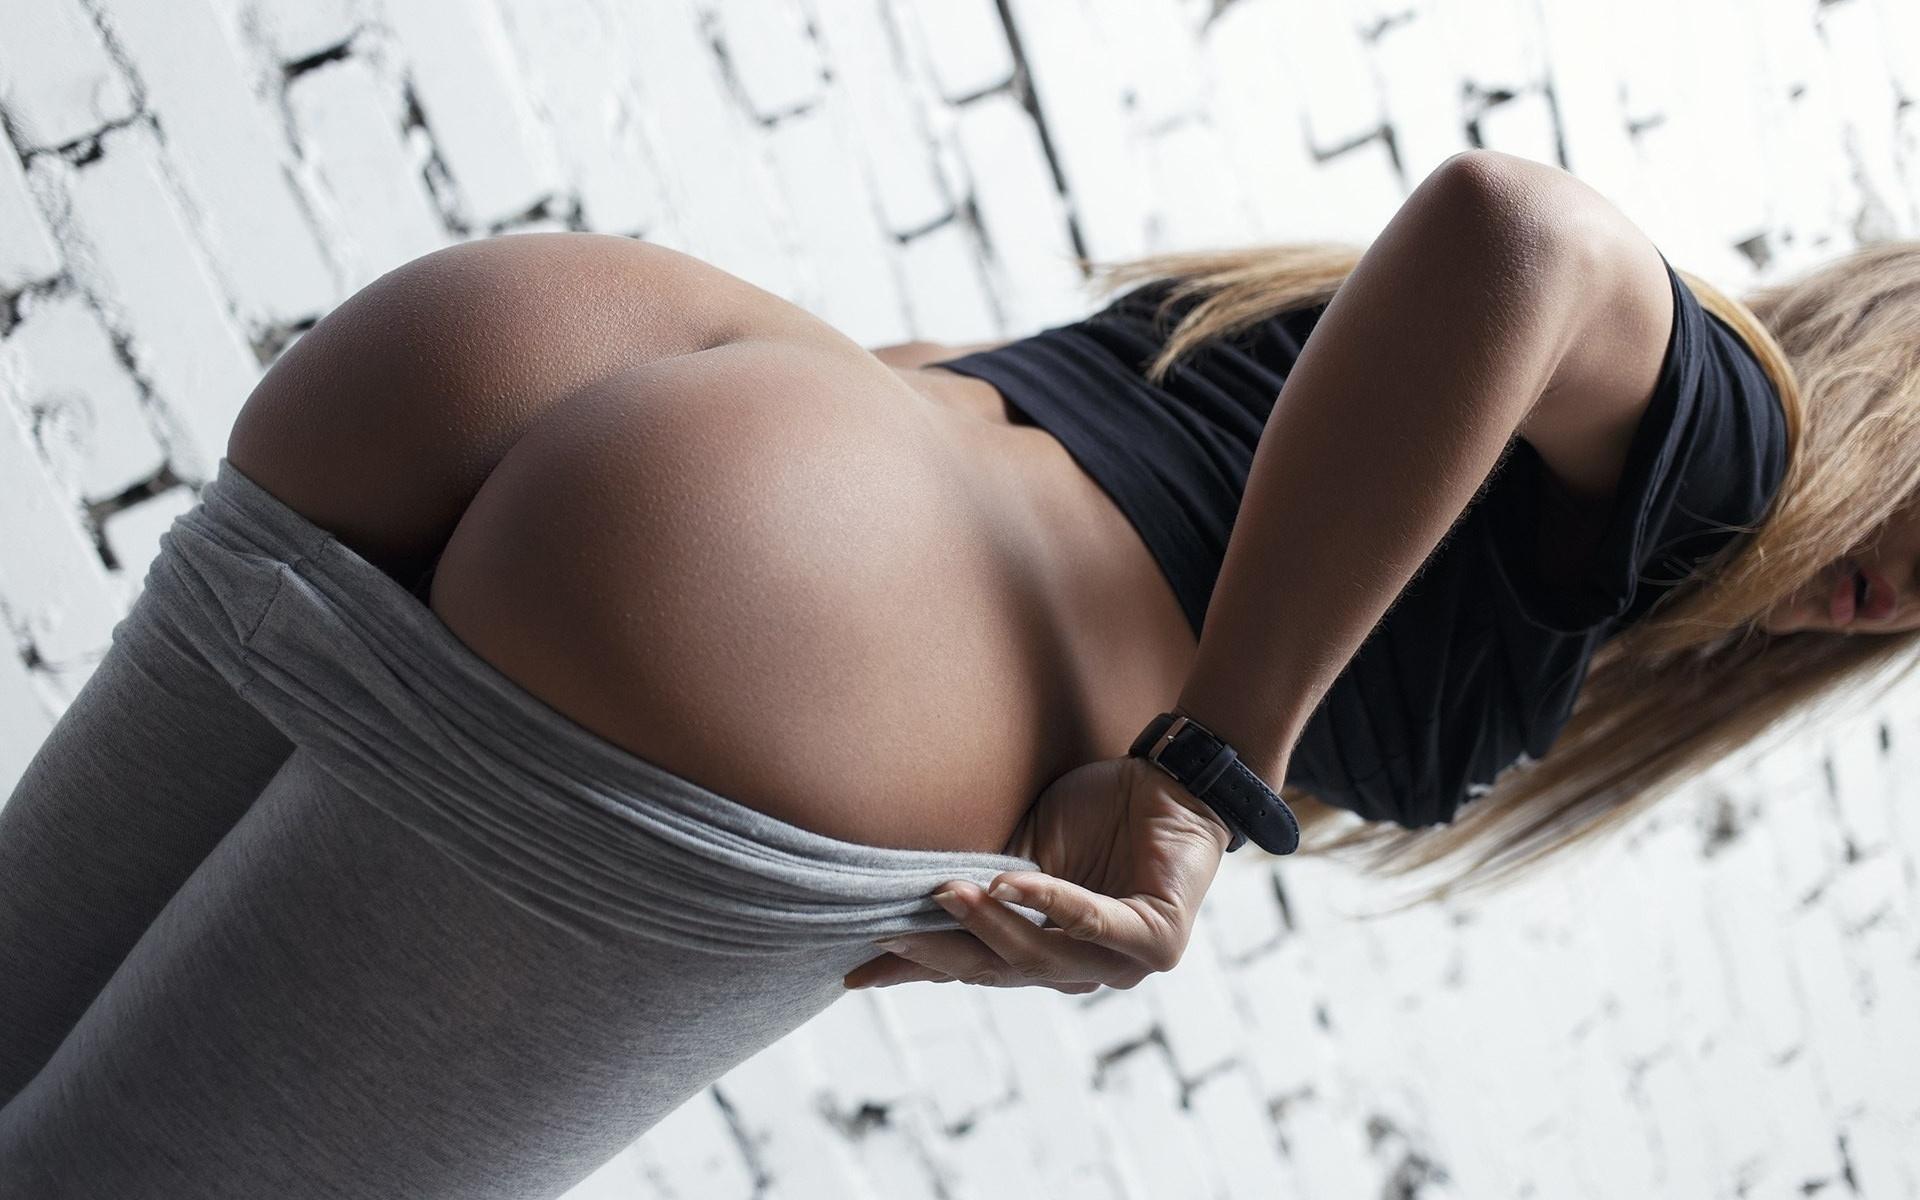 Ролик девки попы, Порно жопы. Большие, красивые и упругие женские 26 фотография